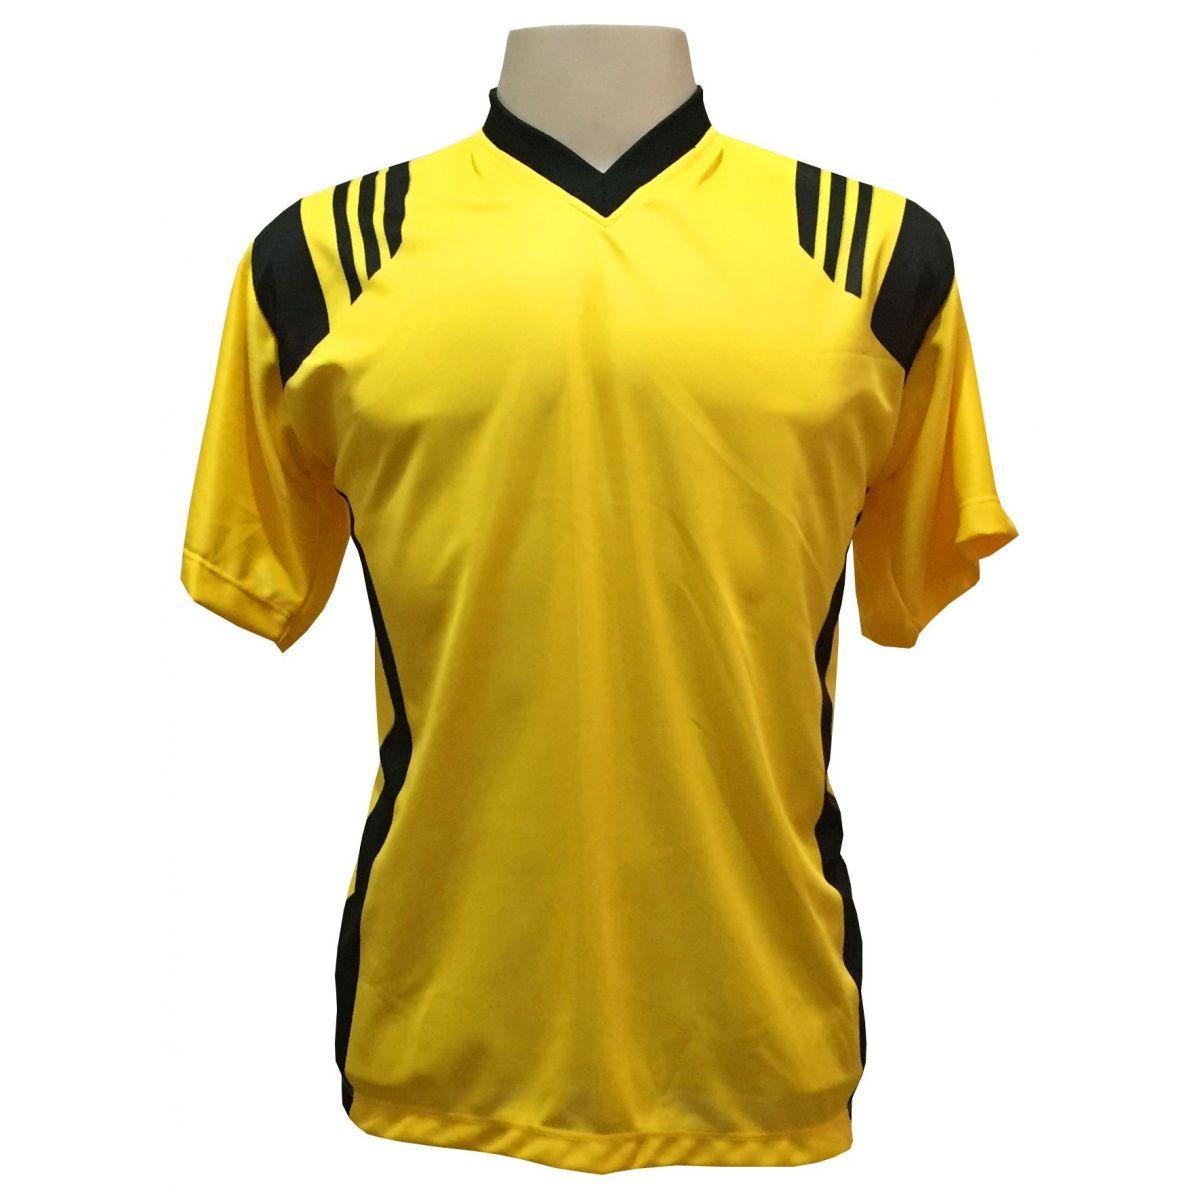 Fardamento Completo modelo Roma 20+2 (20 camisas Amarelo/Preto + 20 calções modelo Copa Preto/Amarelo+ 20 pares de meiões Preto + 2 conjuntos de goleiro) + Brindes